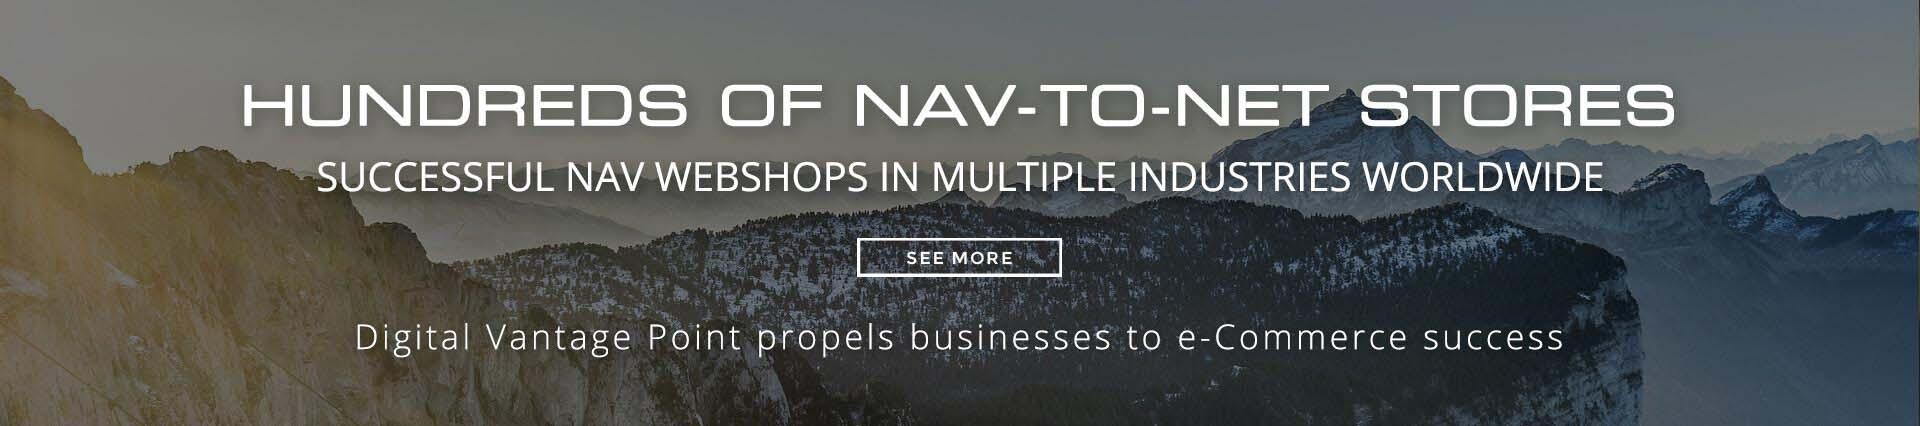 Hundreds of NTN Stores